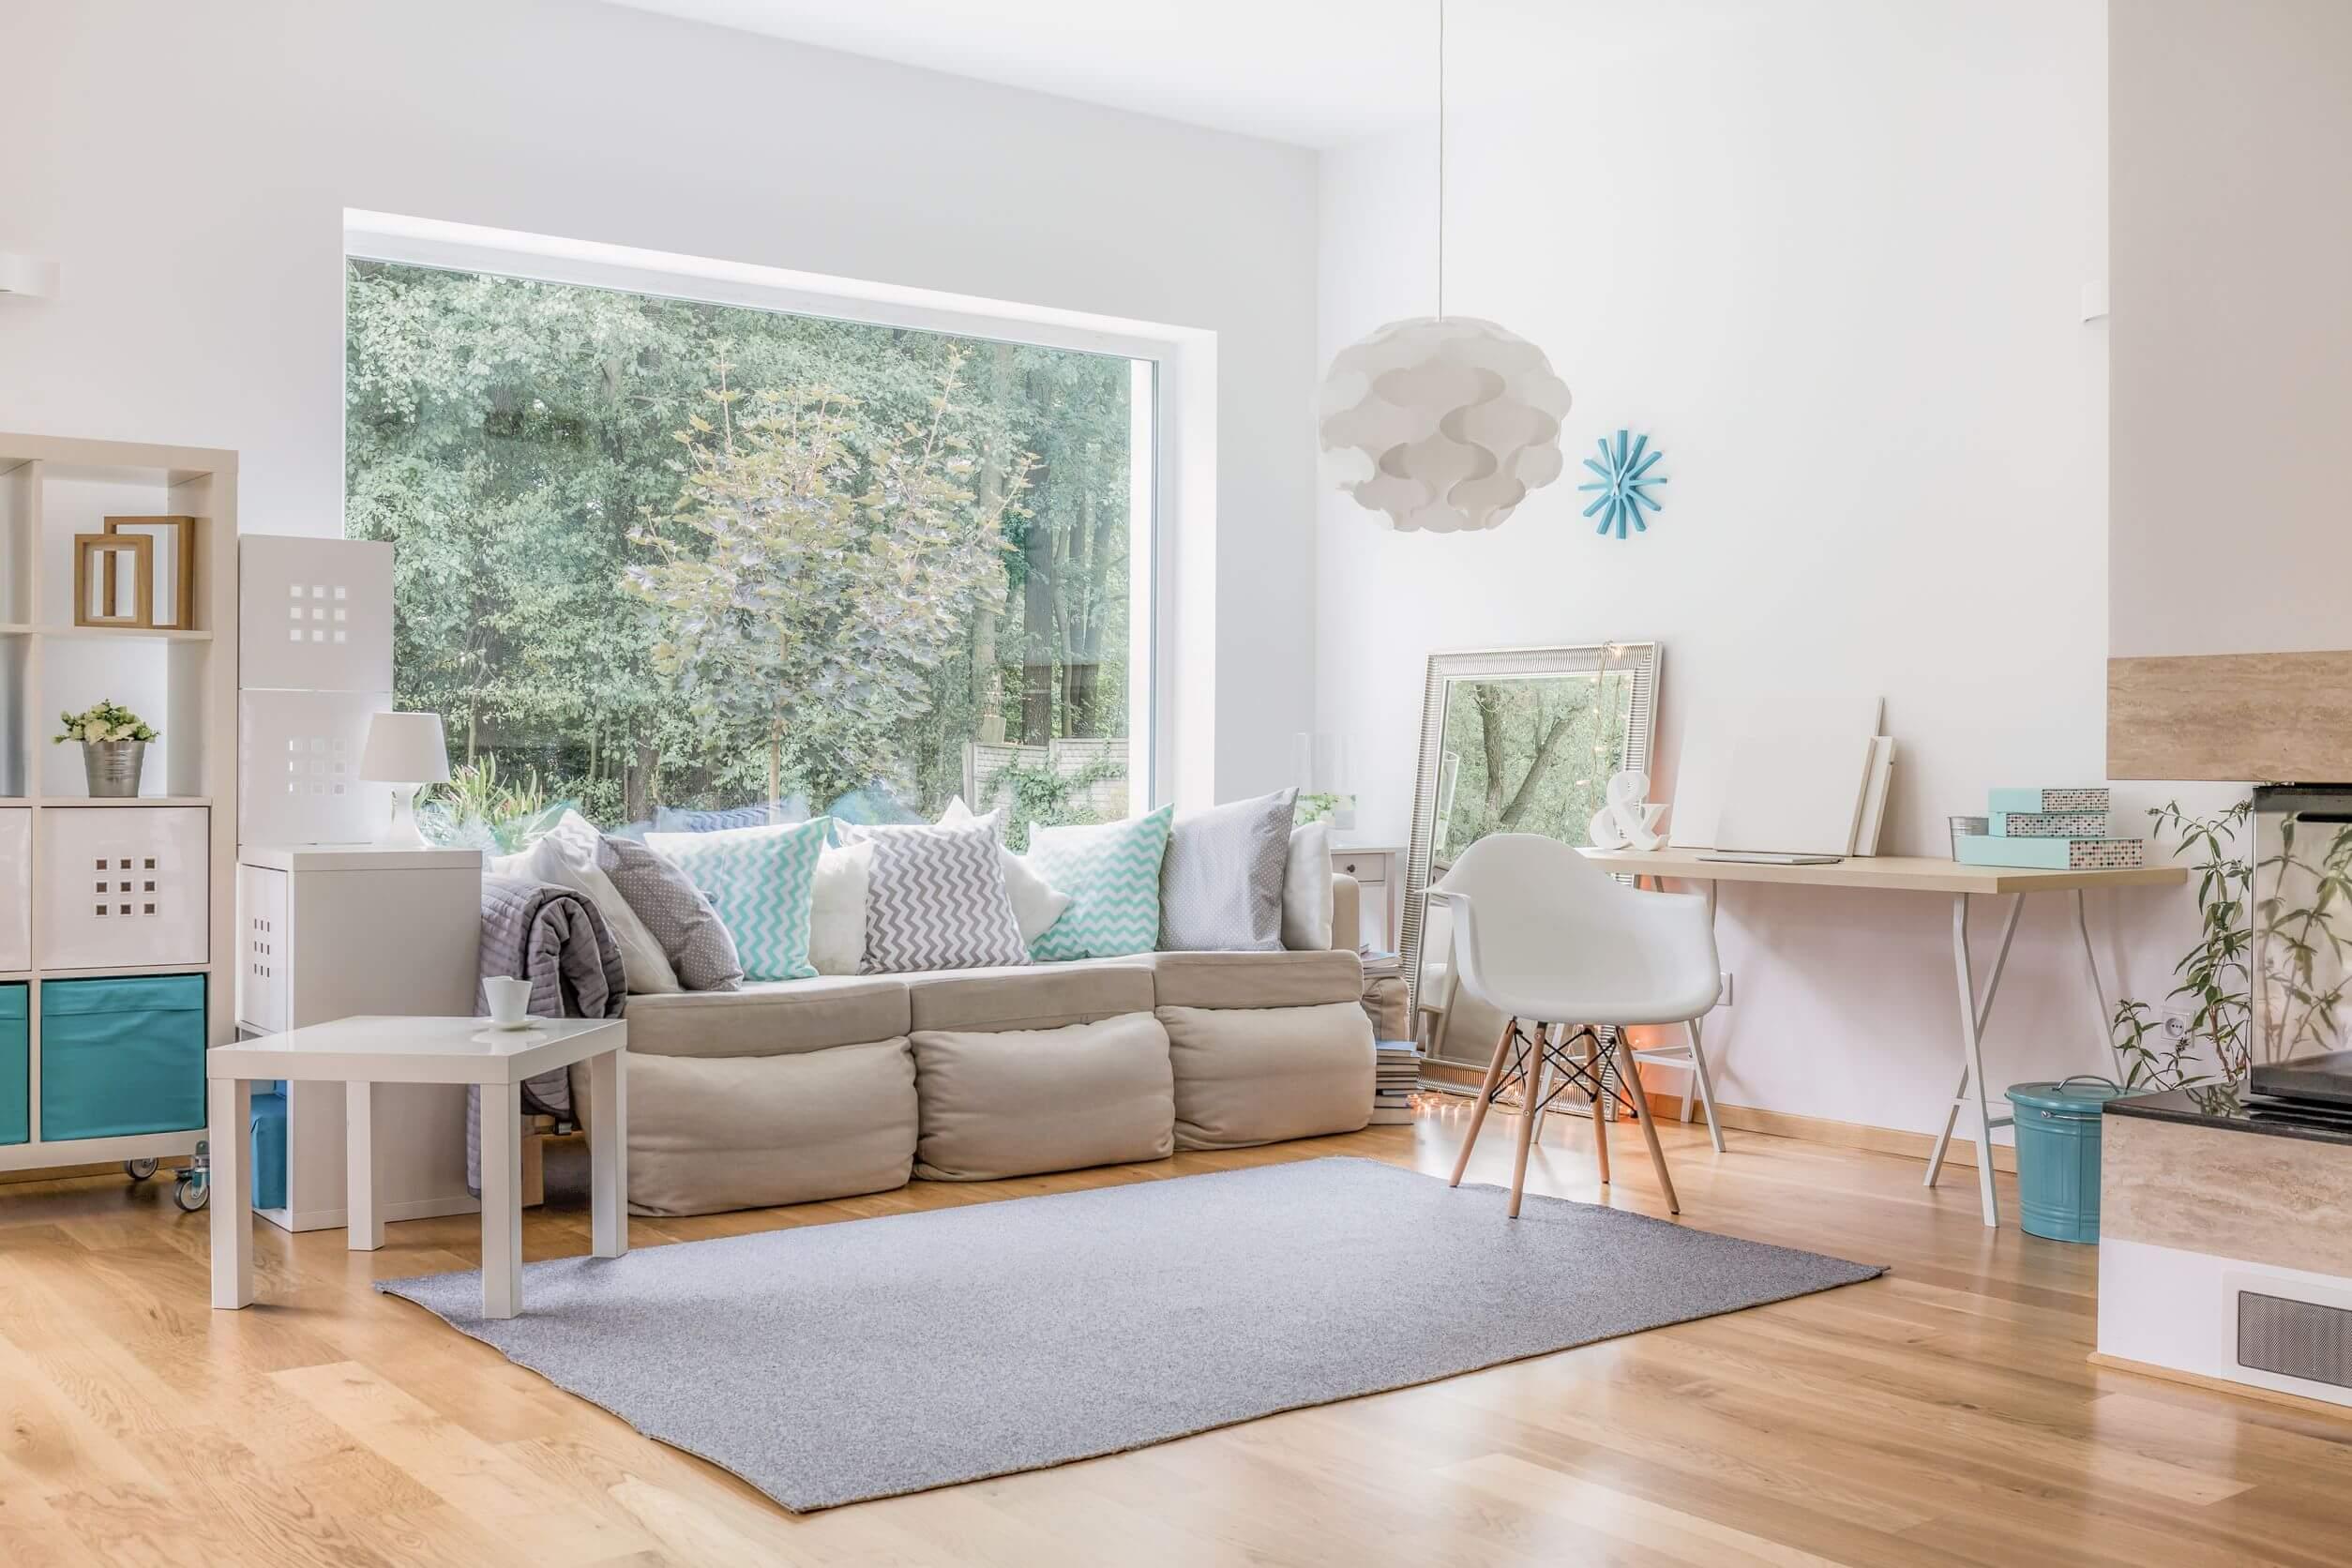 Nagy biznisz az egyedi dizájn a lakáspiacon